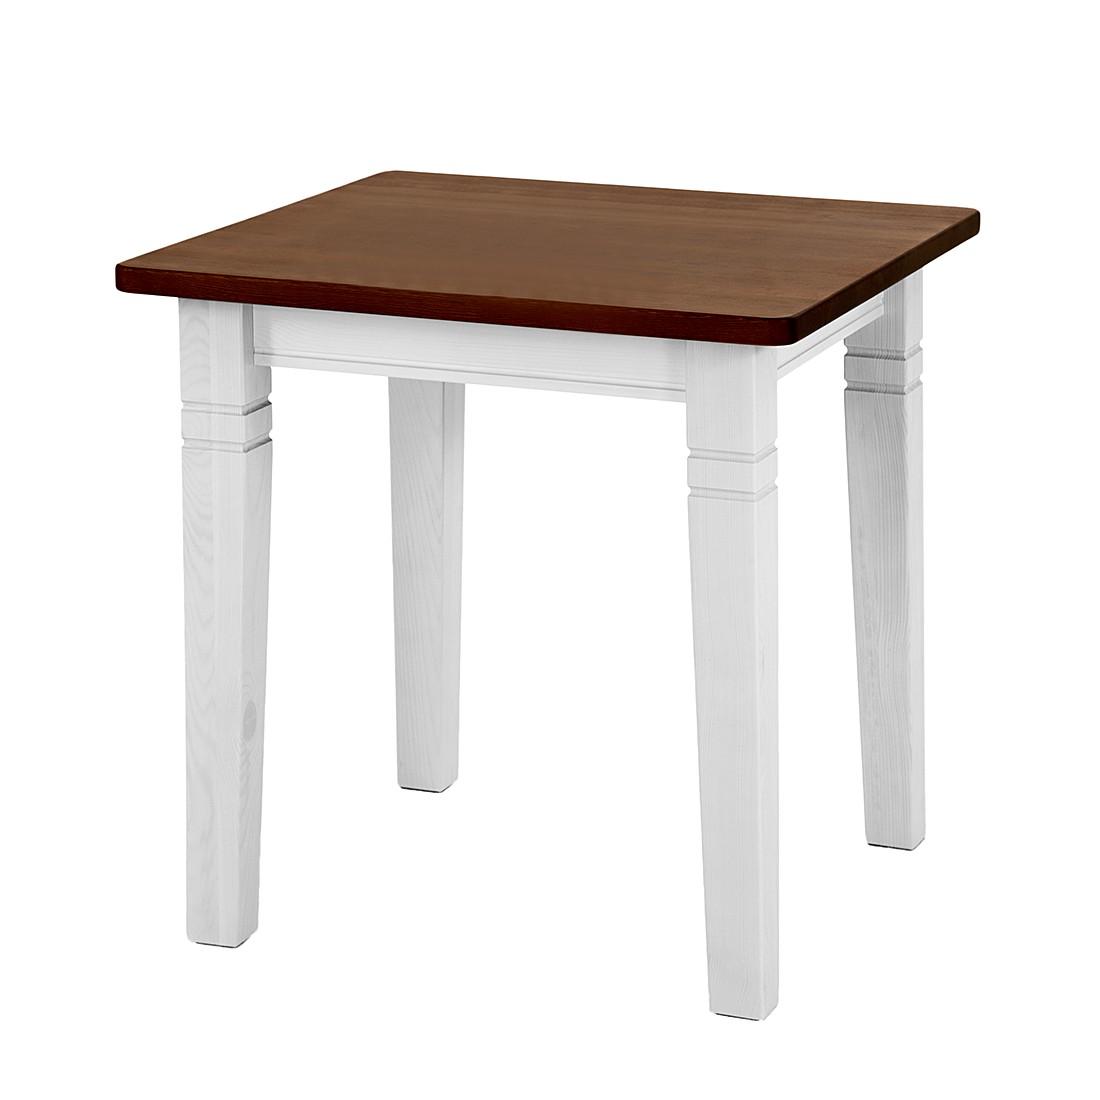 Tavolo da pranzo Fjord I - Legno massello di pino bianco/ambrato - Con 2 piani prolunga, Maison Belfort